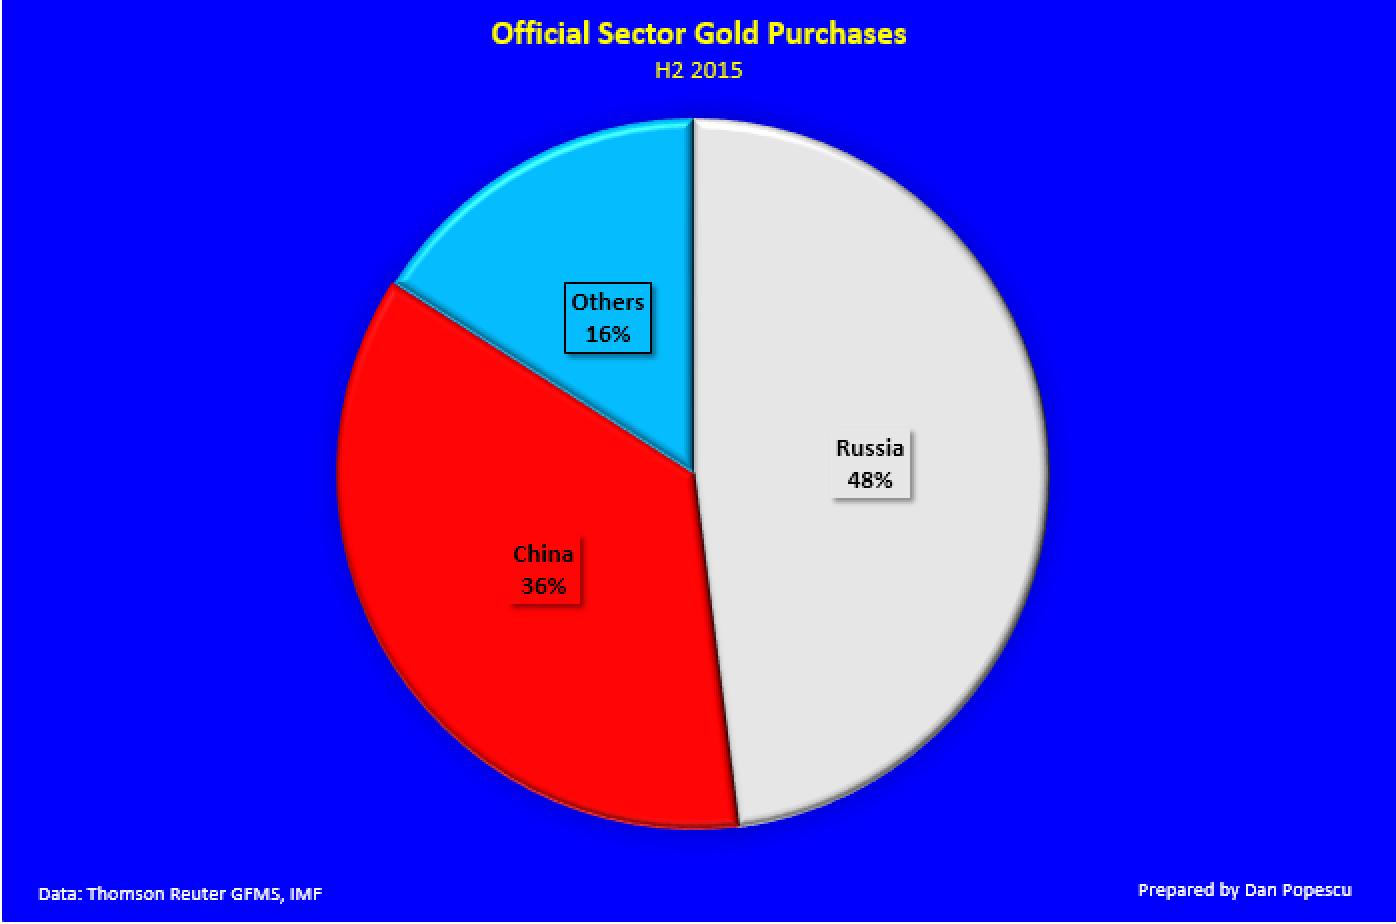 Les achats officiels d'or par le secteur privé